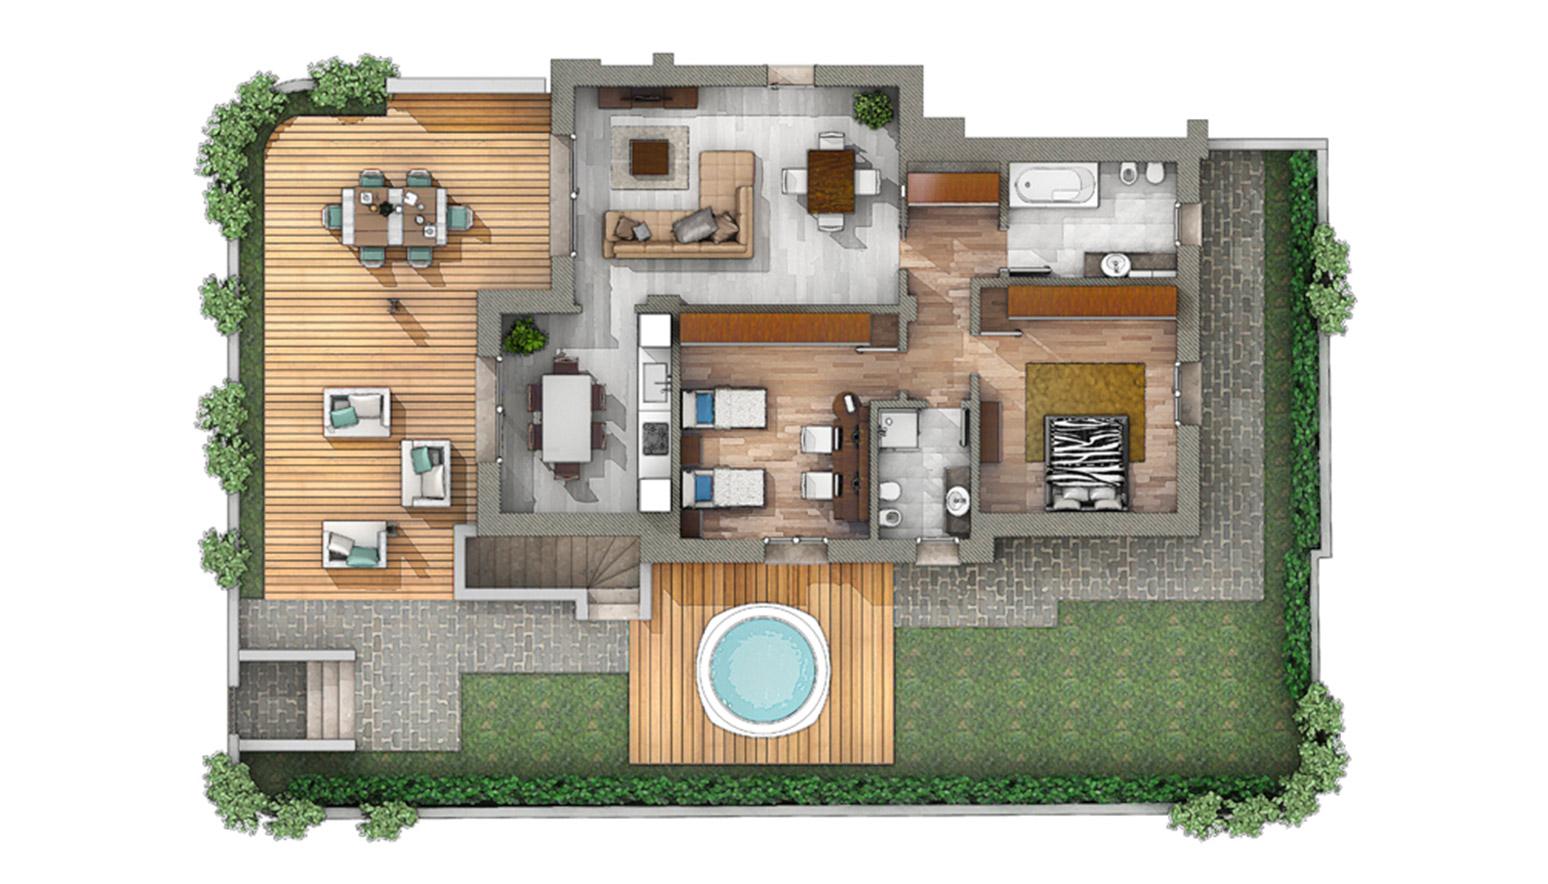 progetto consulenza tecnica immobiliare